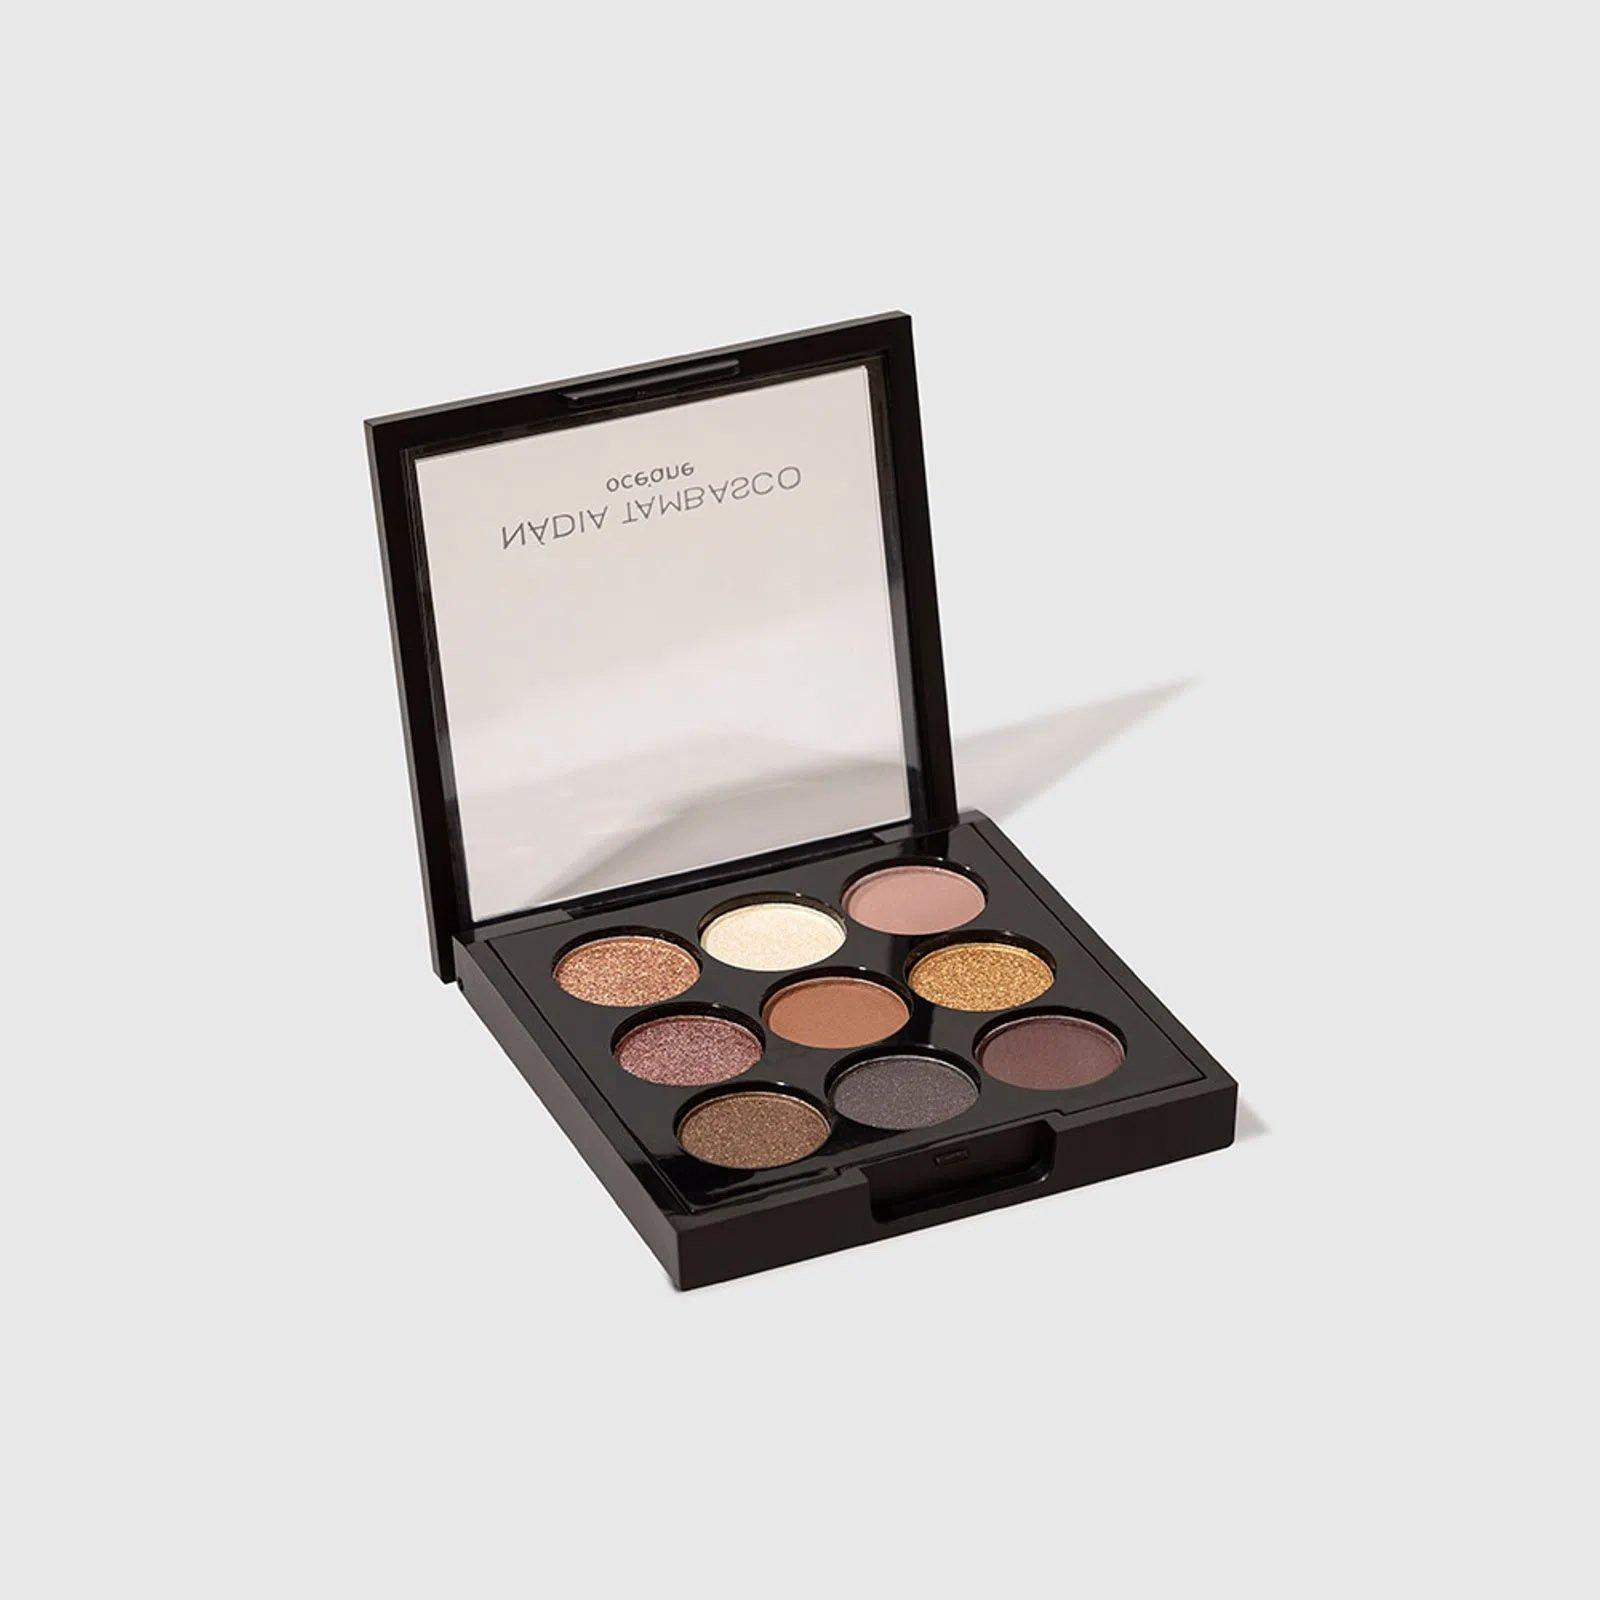 maquiagem paleta de sombras to go basic oceane nadia tambasco 51365 2000 204100